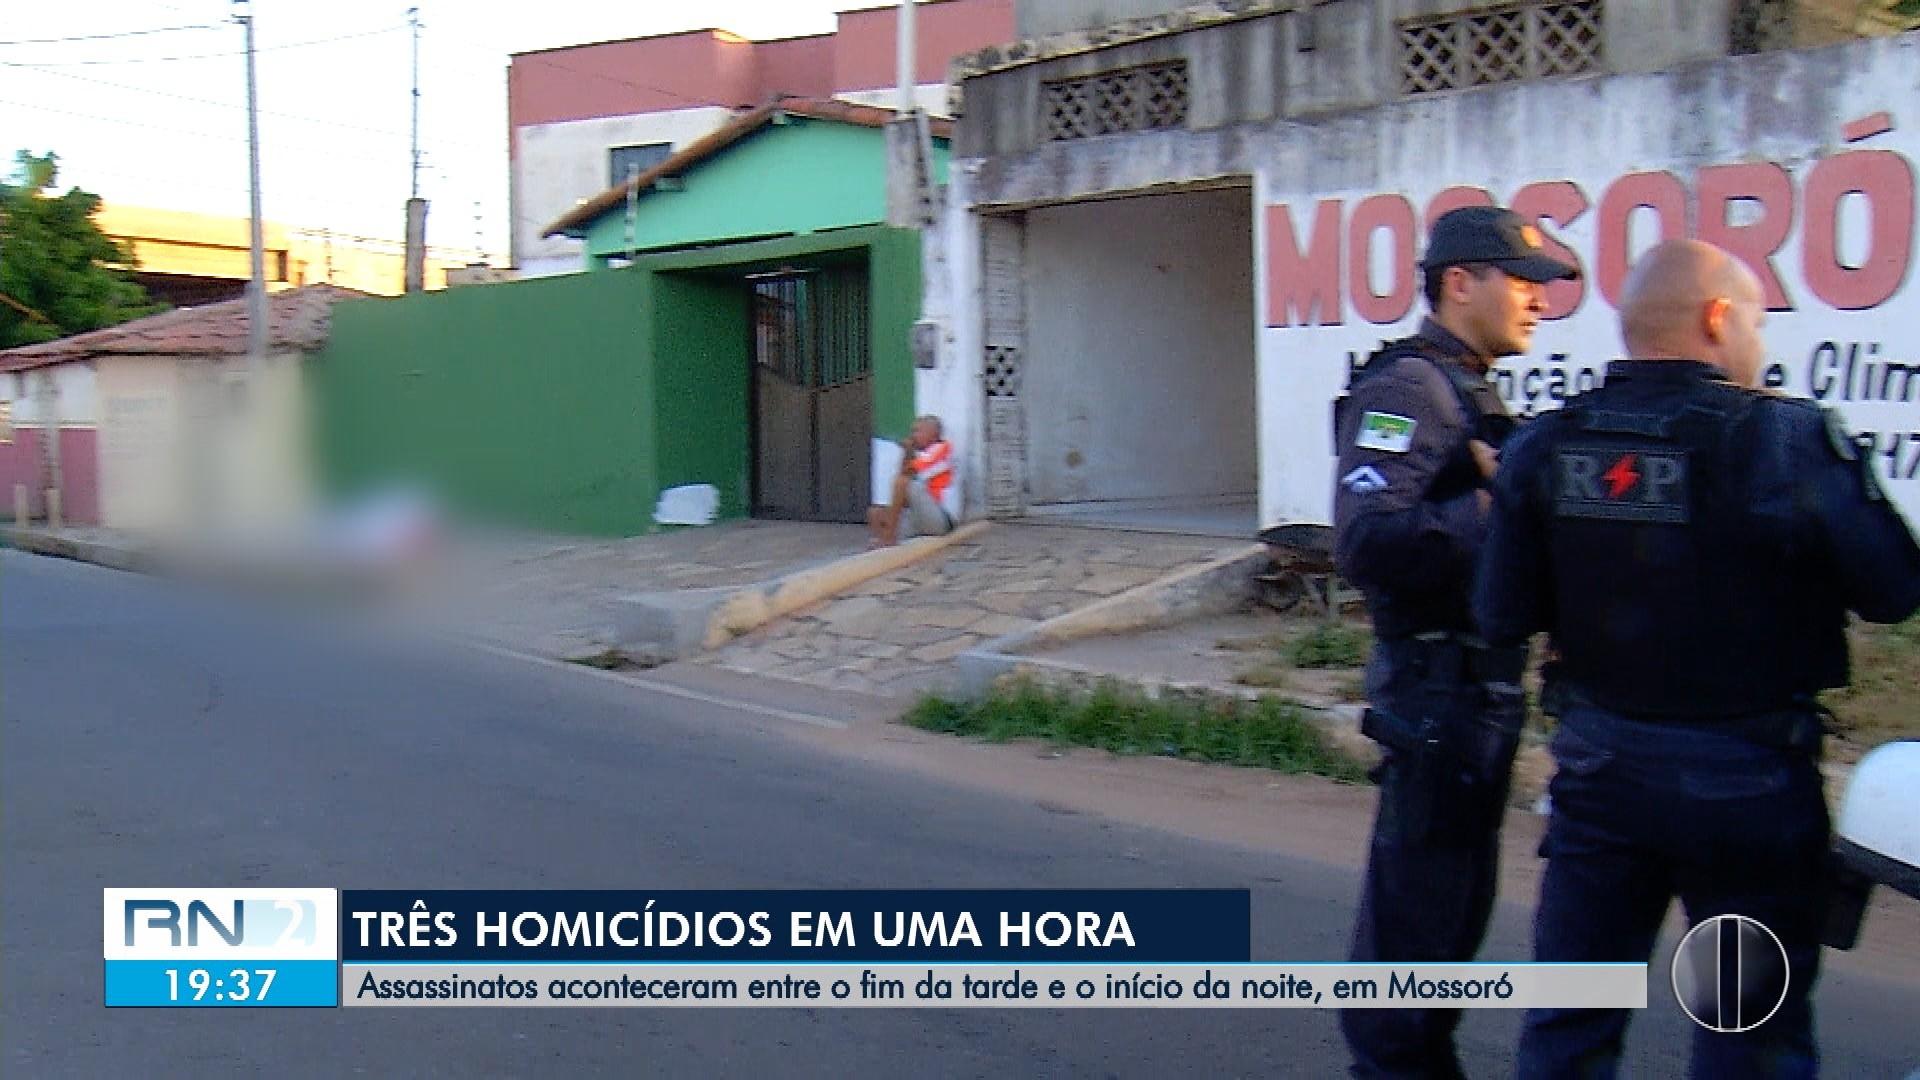 Três homens são assassinados em cerca de 2 horas em Mossoró, RN - Notícias - Plantão Diário